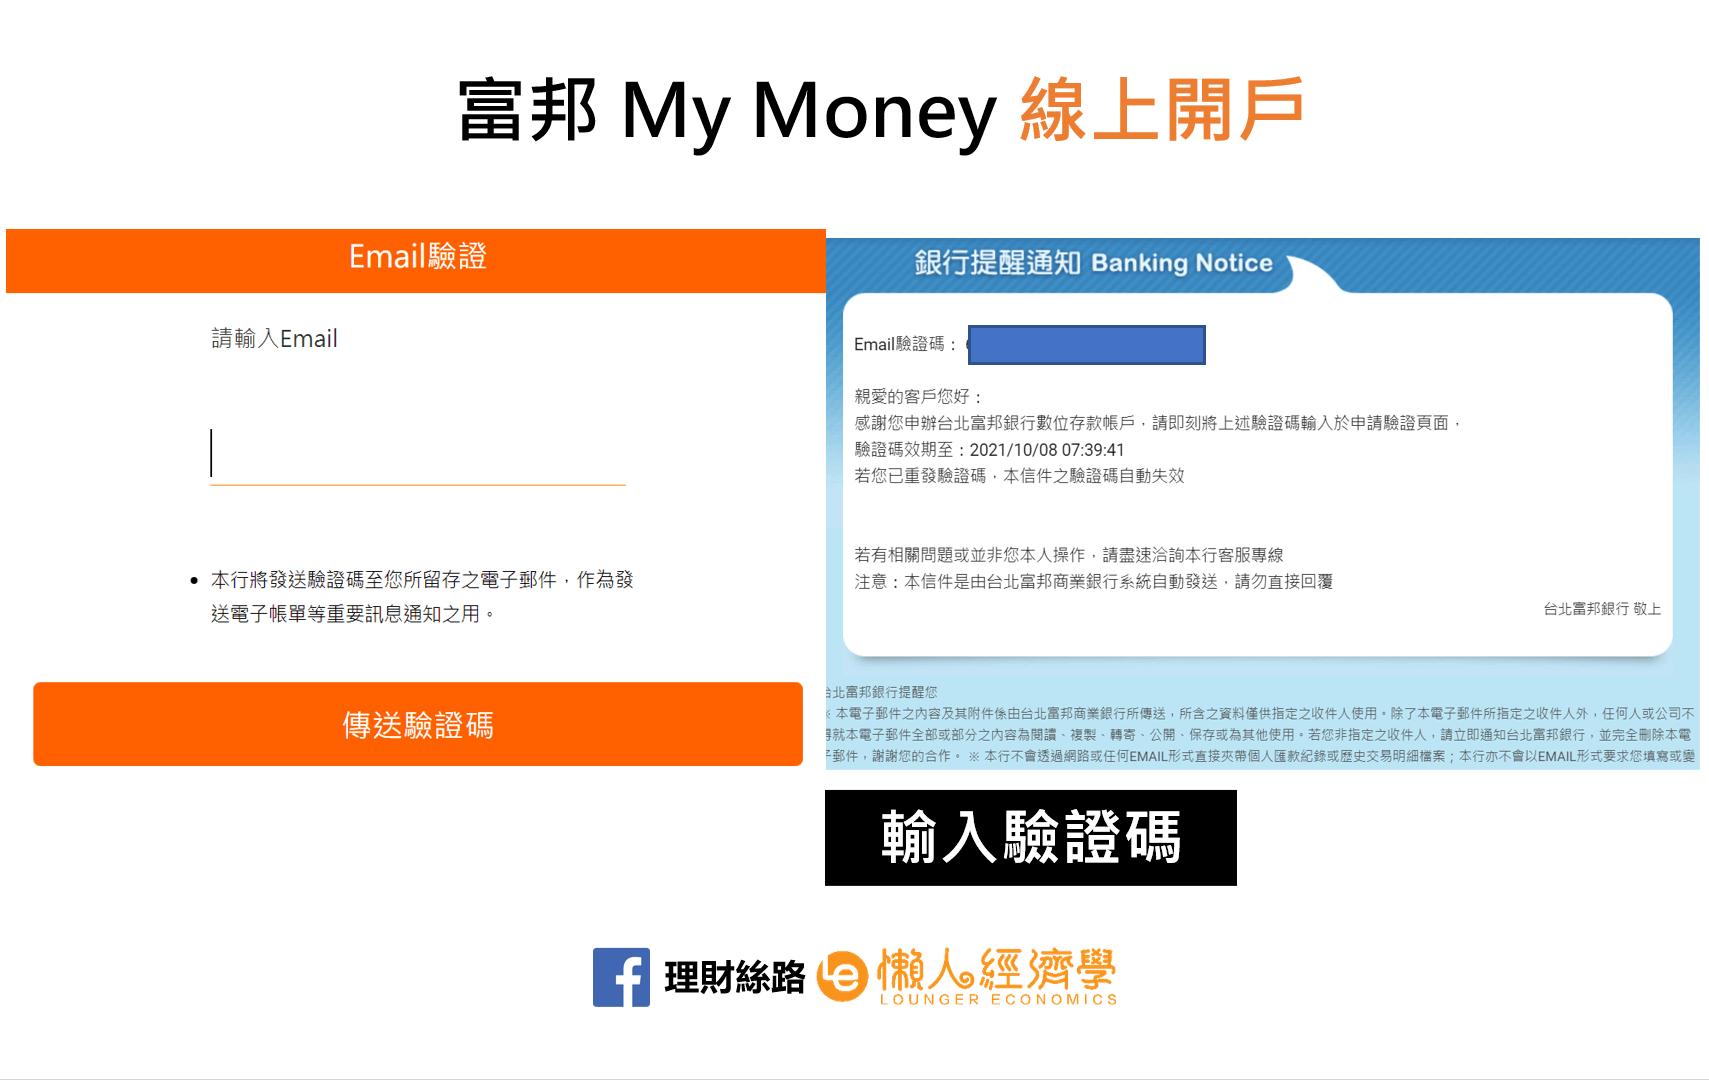 輸入Email驗證碼